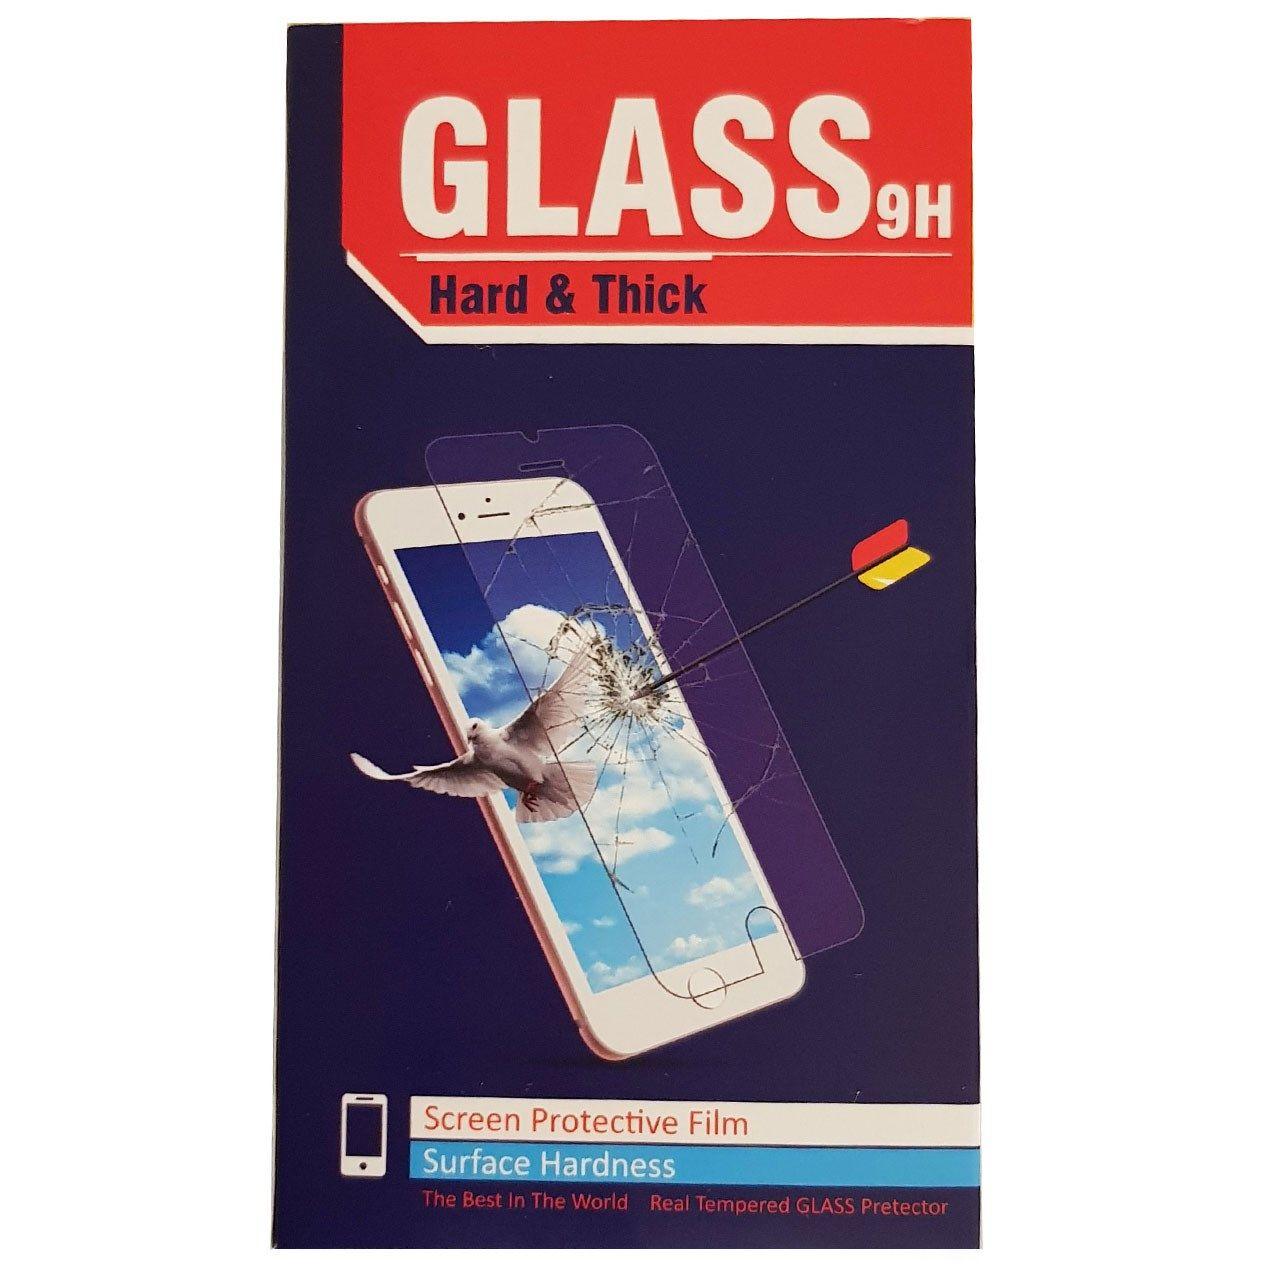 محافظ صفحه نمایش شیشه ای مدل Hard and thick مناسب برای گوشی موبایل شیائومی Redmi 5A